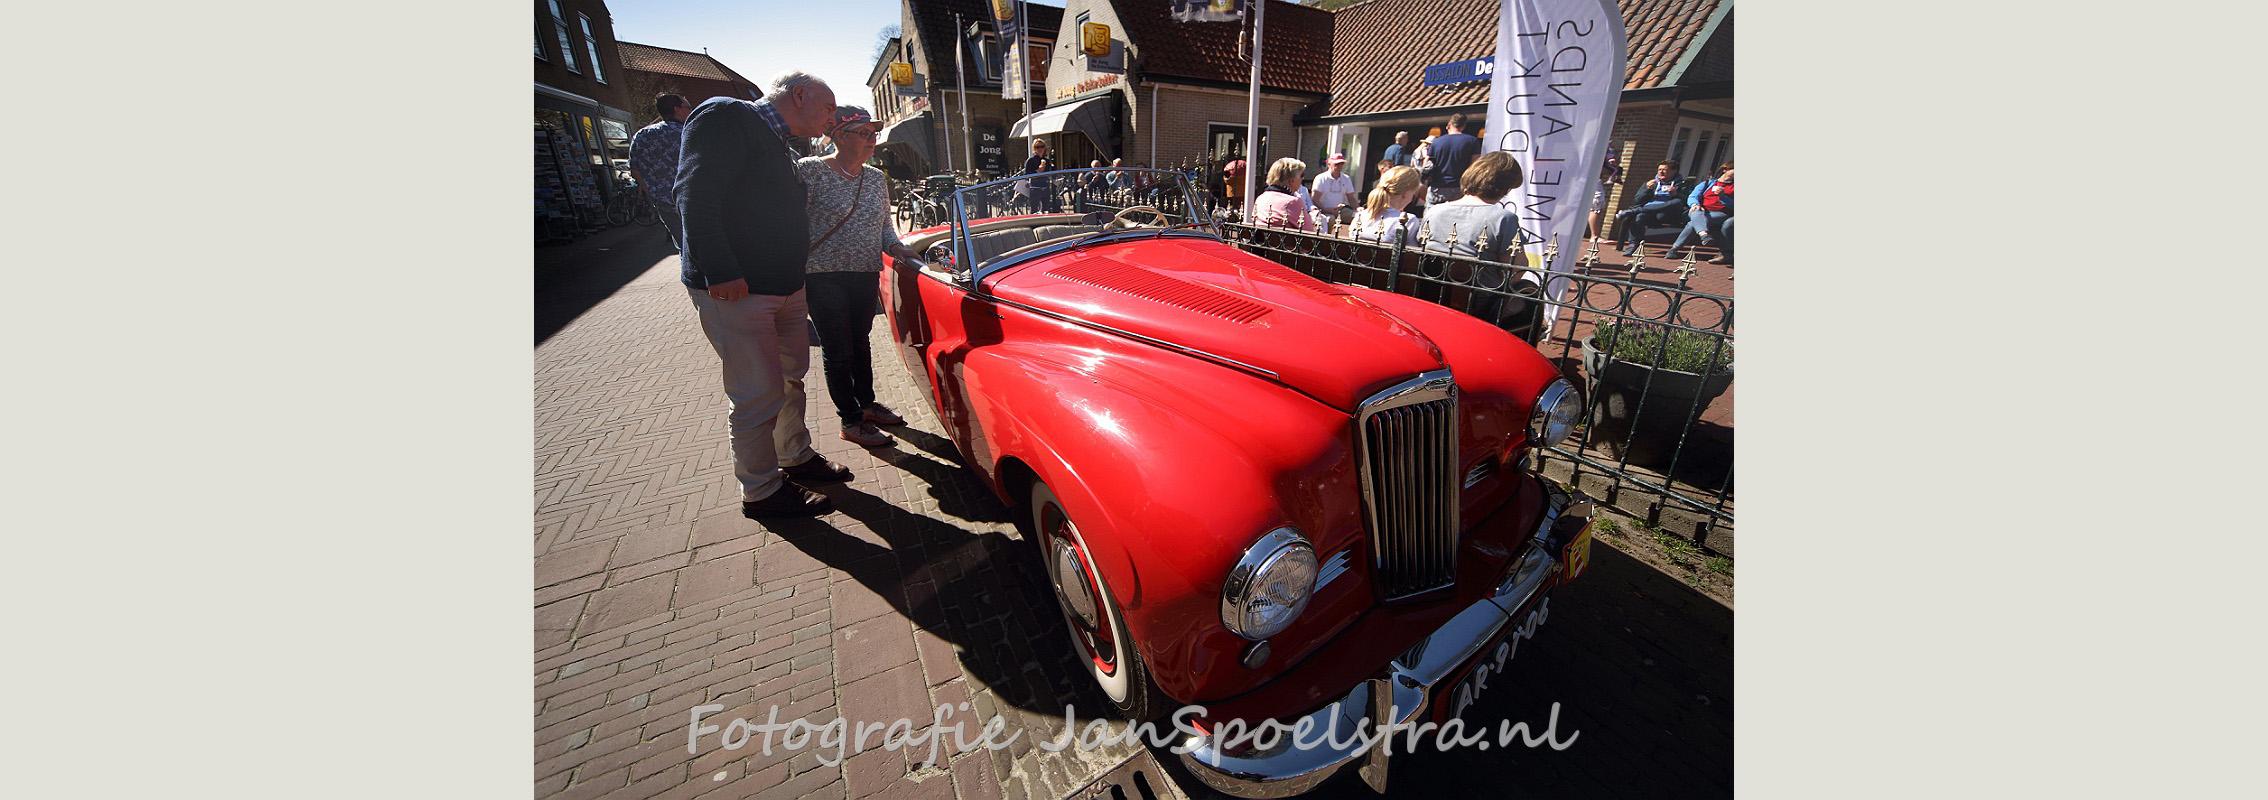 IJsje eten en oude auto's bekijken op Ameland.